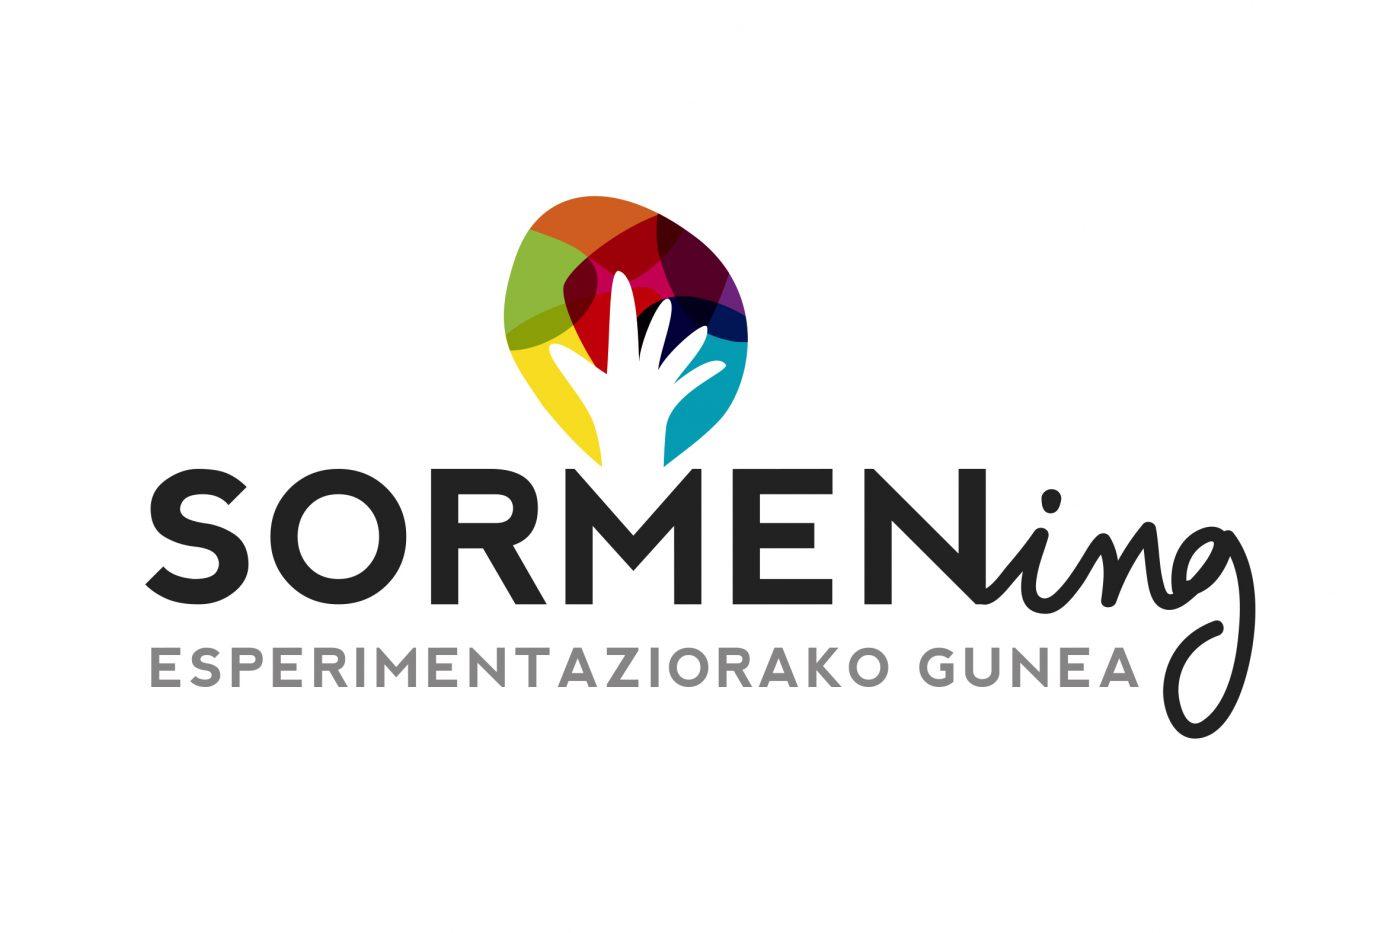 sormening_bertikala